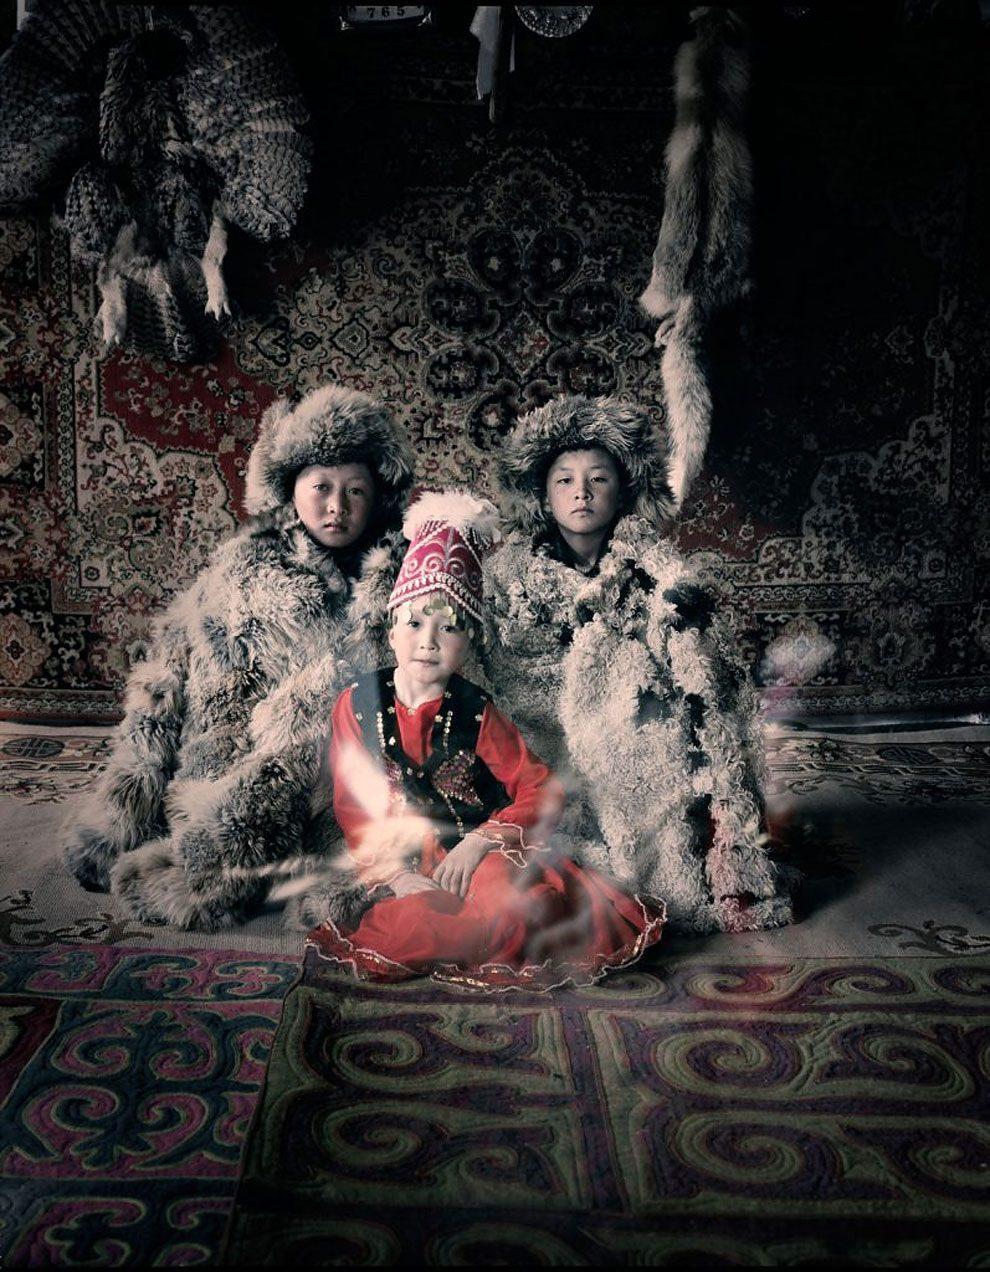 tribu-indigeni-mondo-fotografia-before-they-pass-away-jimmy-nelson-44